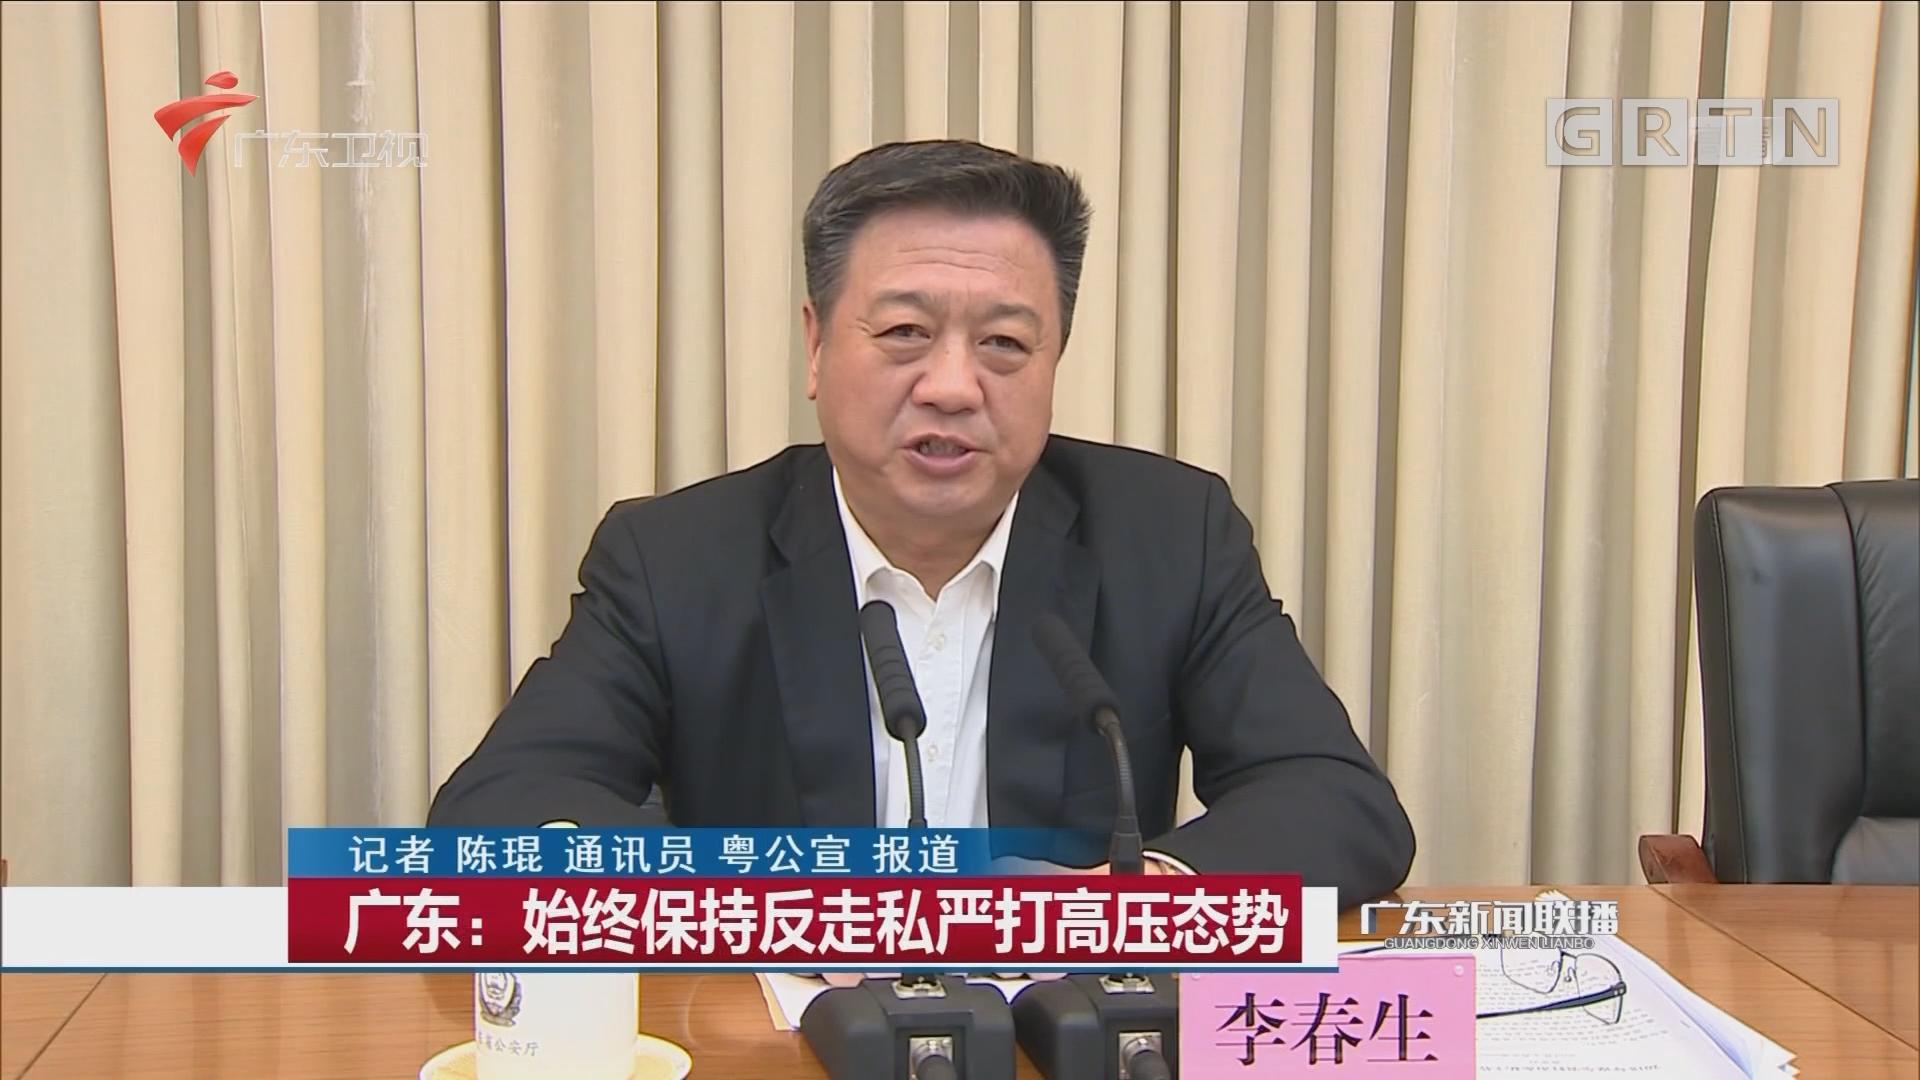 广东:始终保持反走私严打高压态势